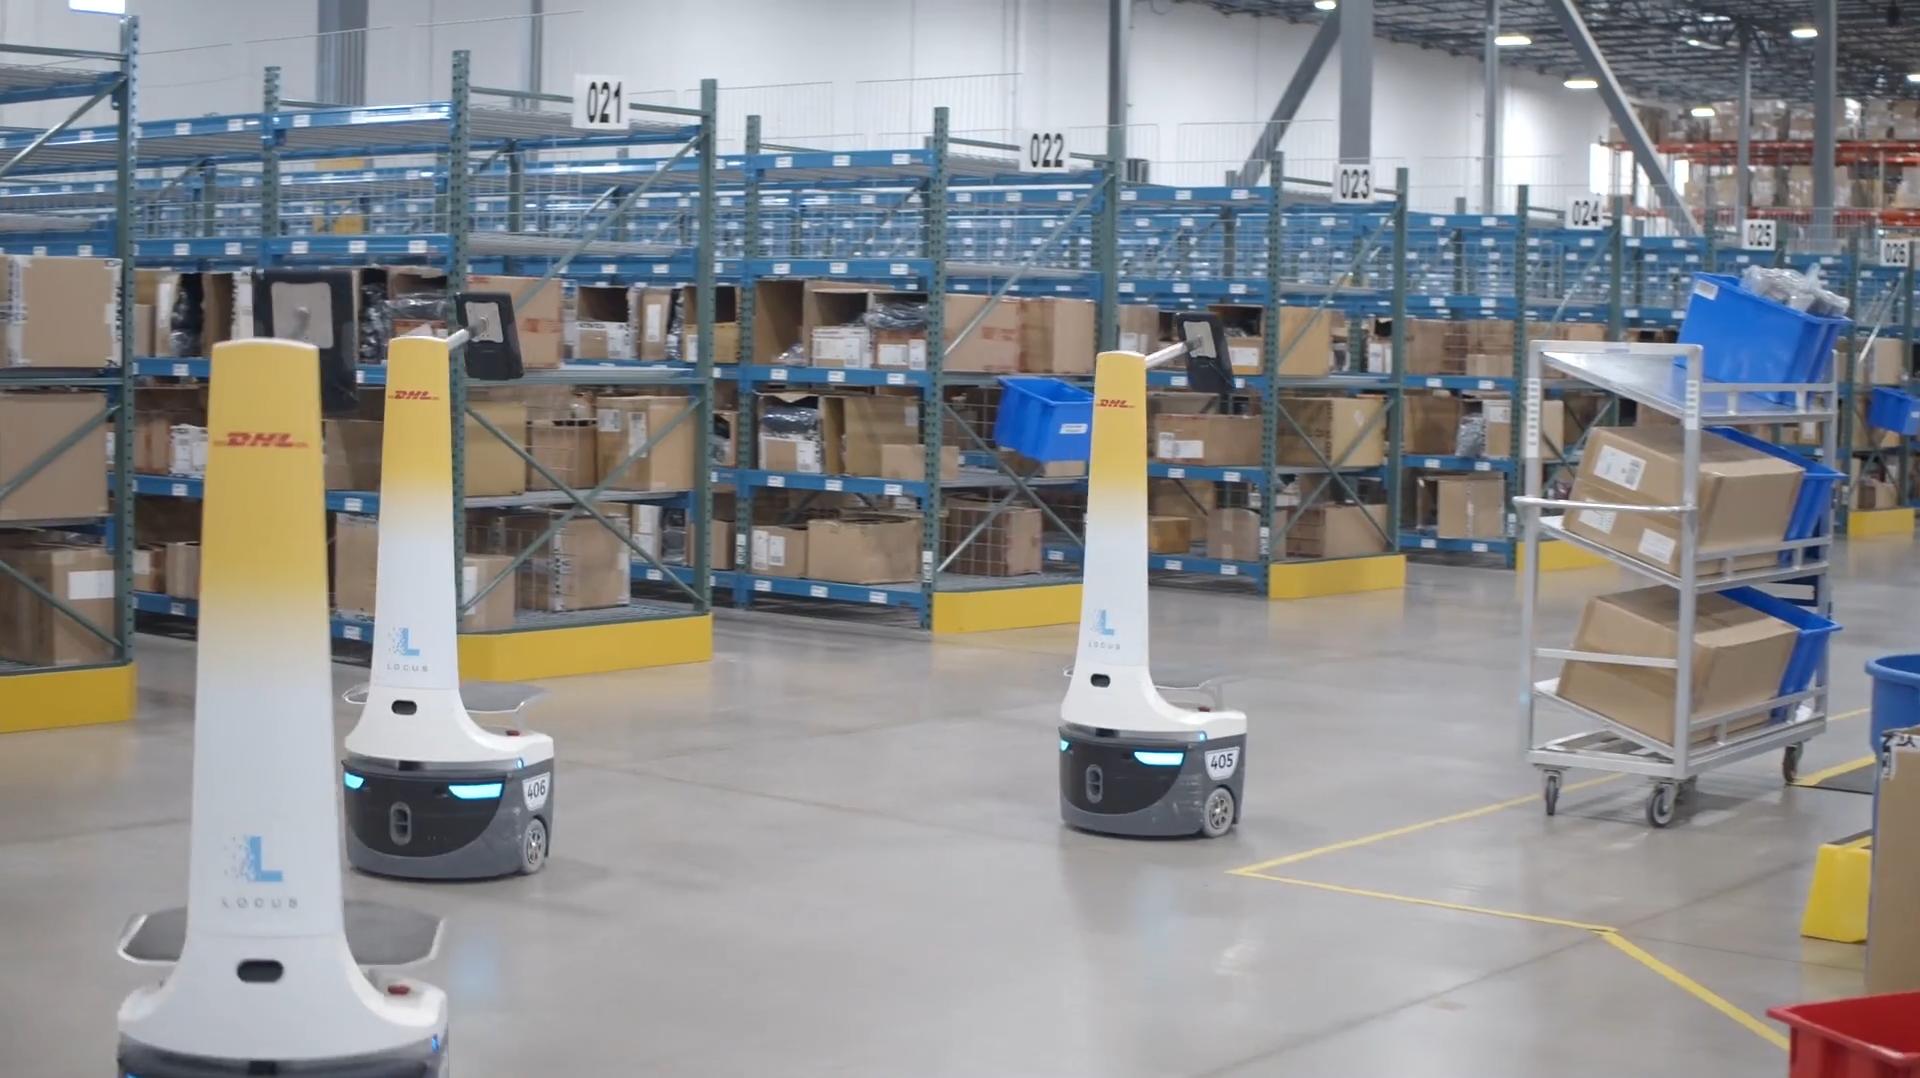 DHL仓库里运行的Locus Robotics机器人